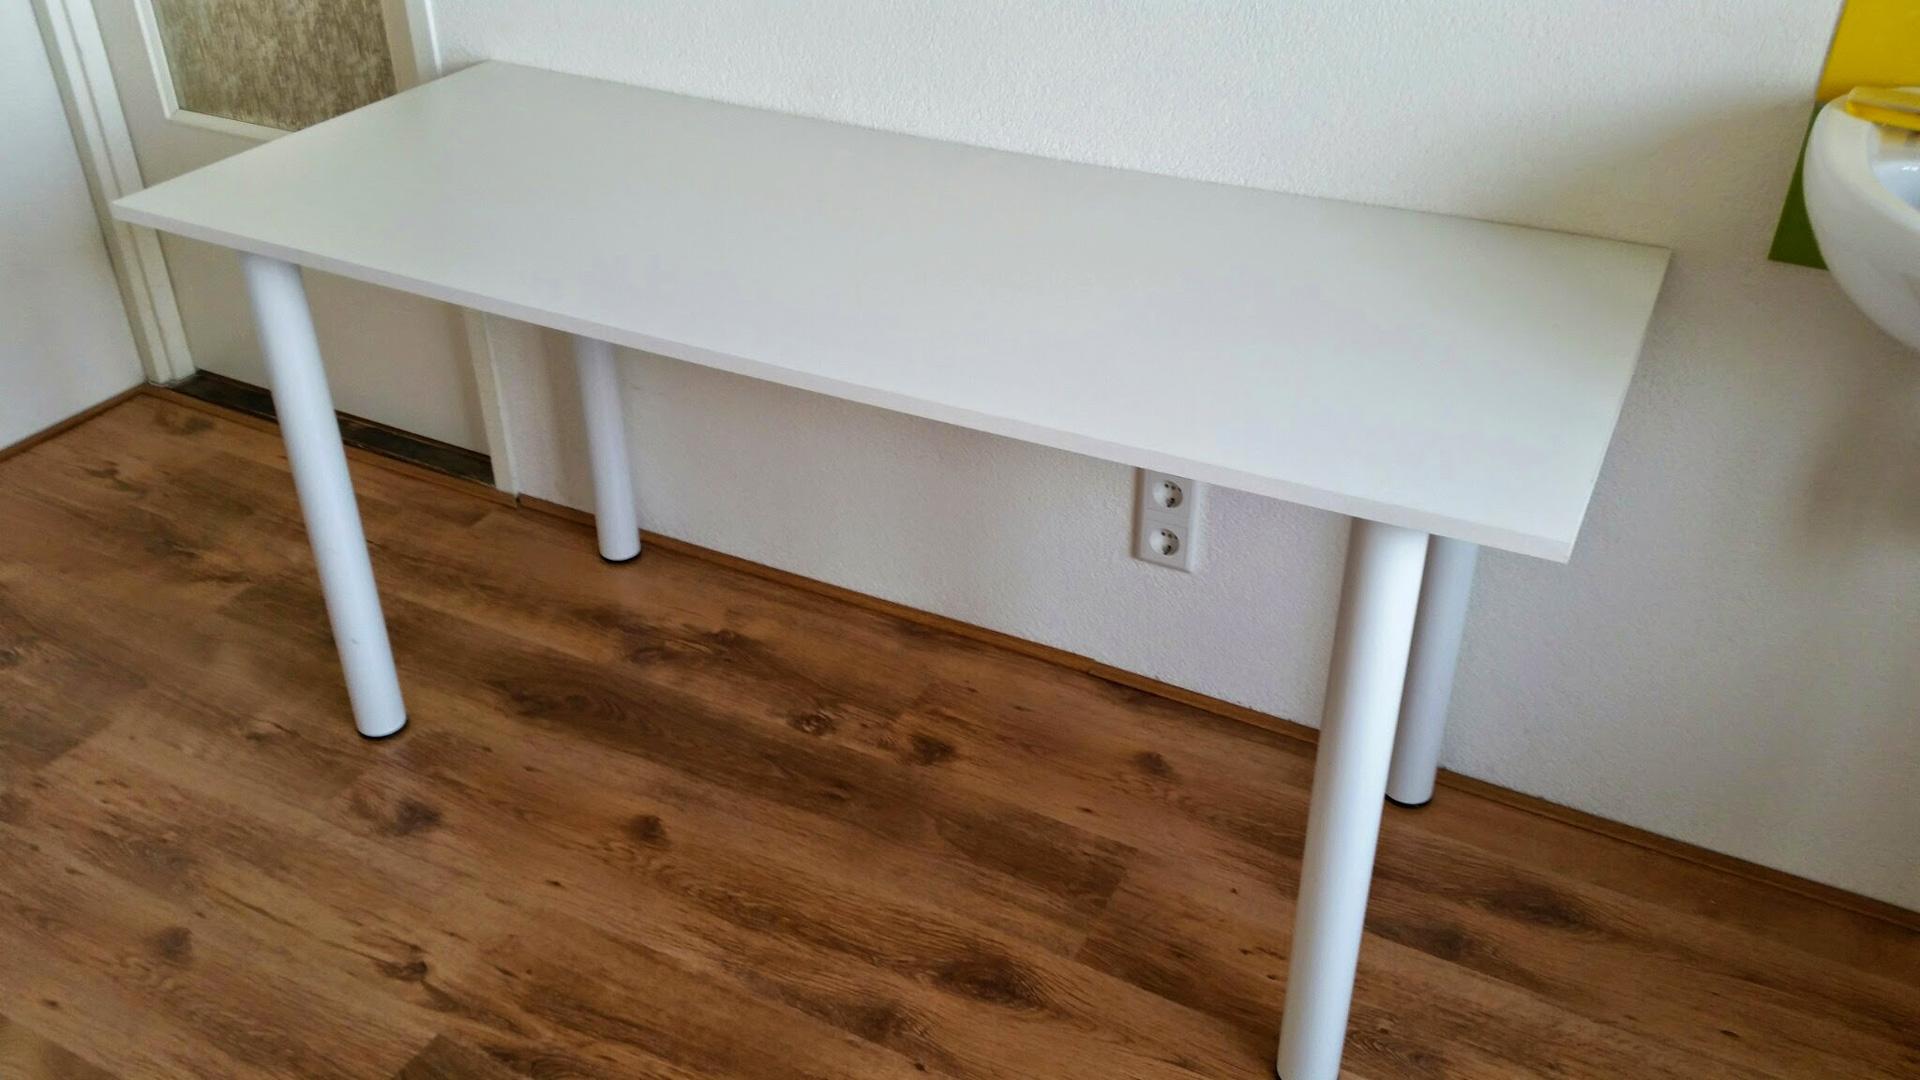 Meubelstickers op tafels stoelen deuren en wanden for Bureau 2 metres